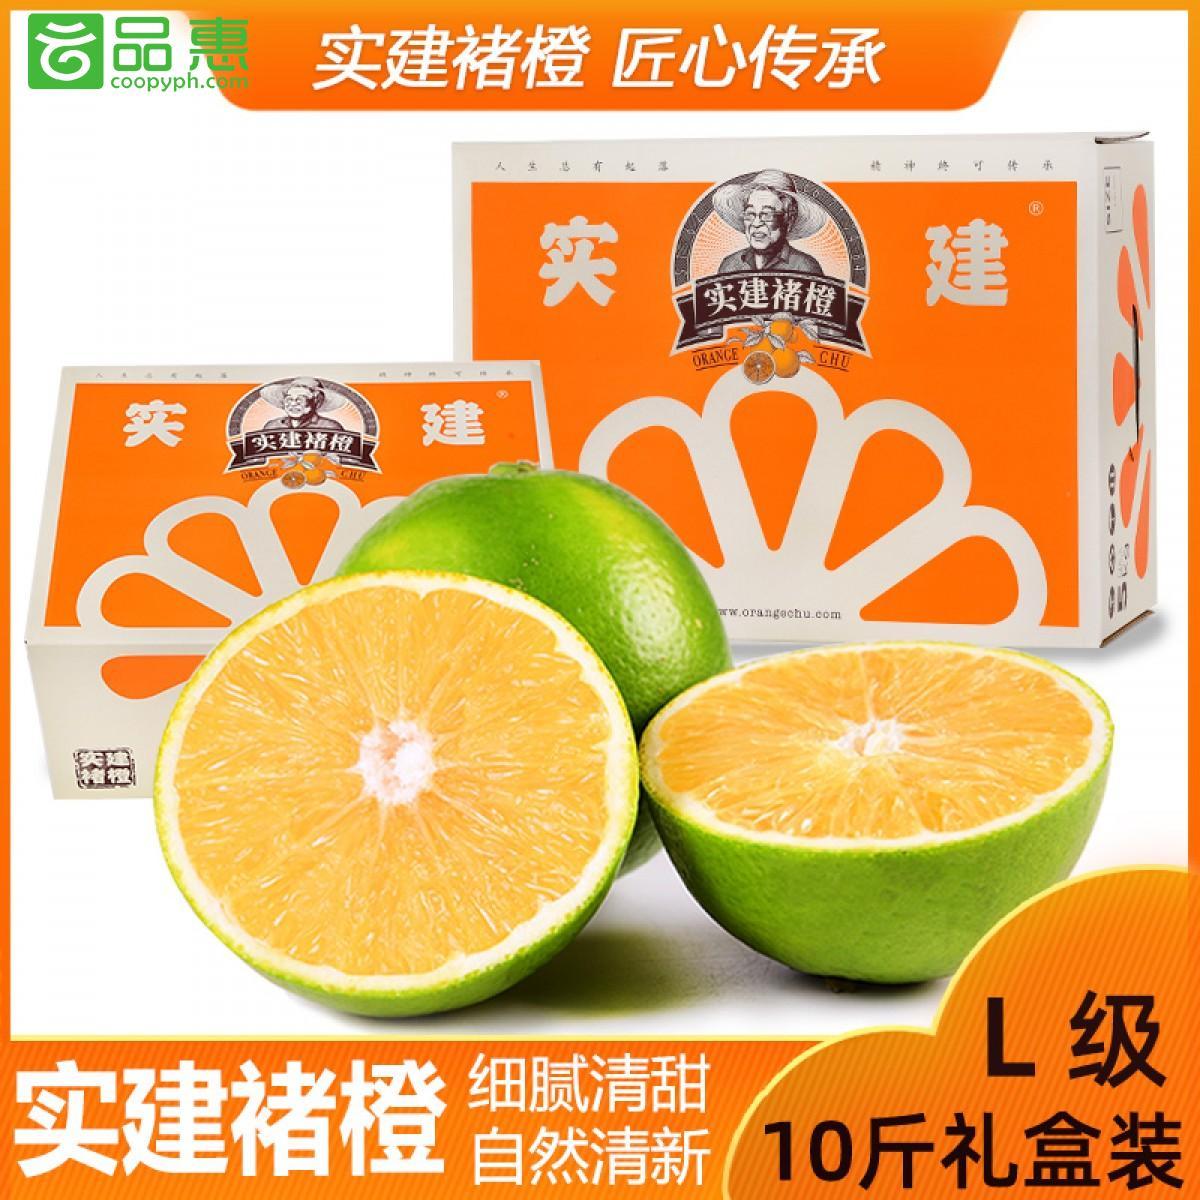 【预售】2020实建褚橙优级10斤礼盒装 细腻清甜 自然清新 基地直发